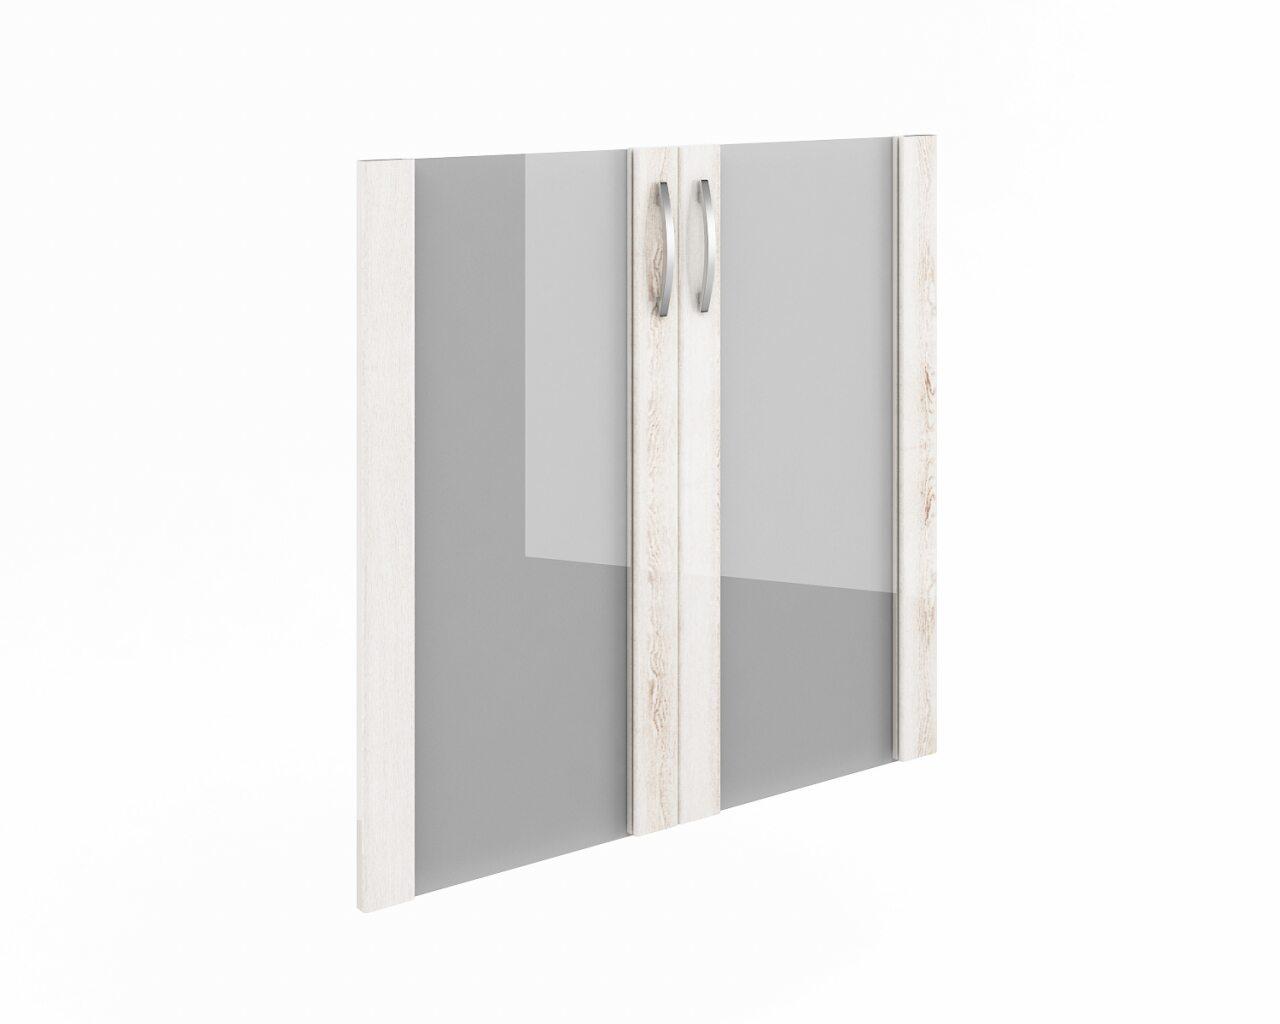 Дверь низкая стекло в рамке МДФ - фото 1